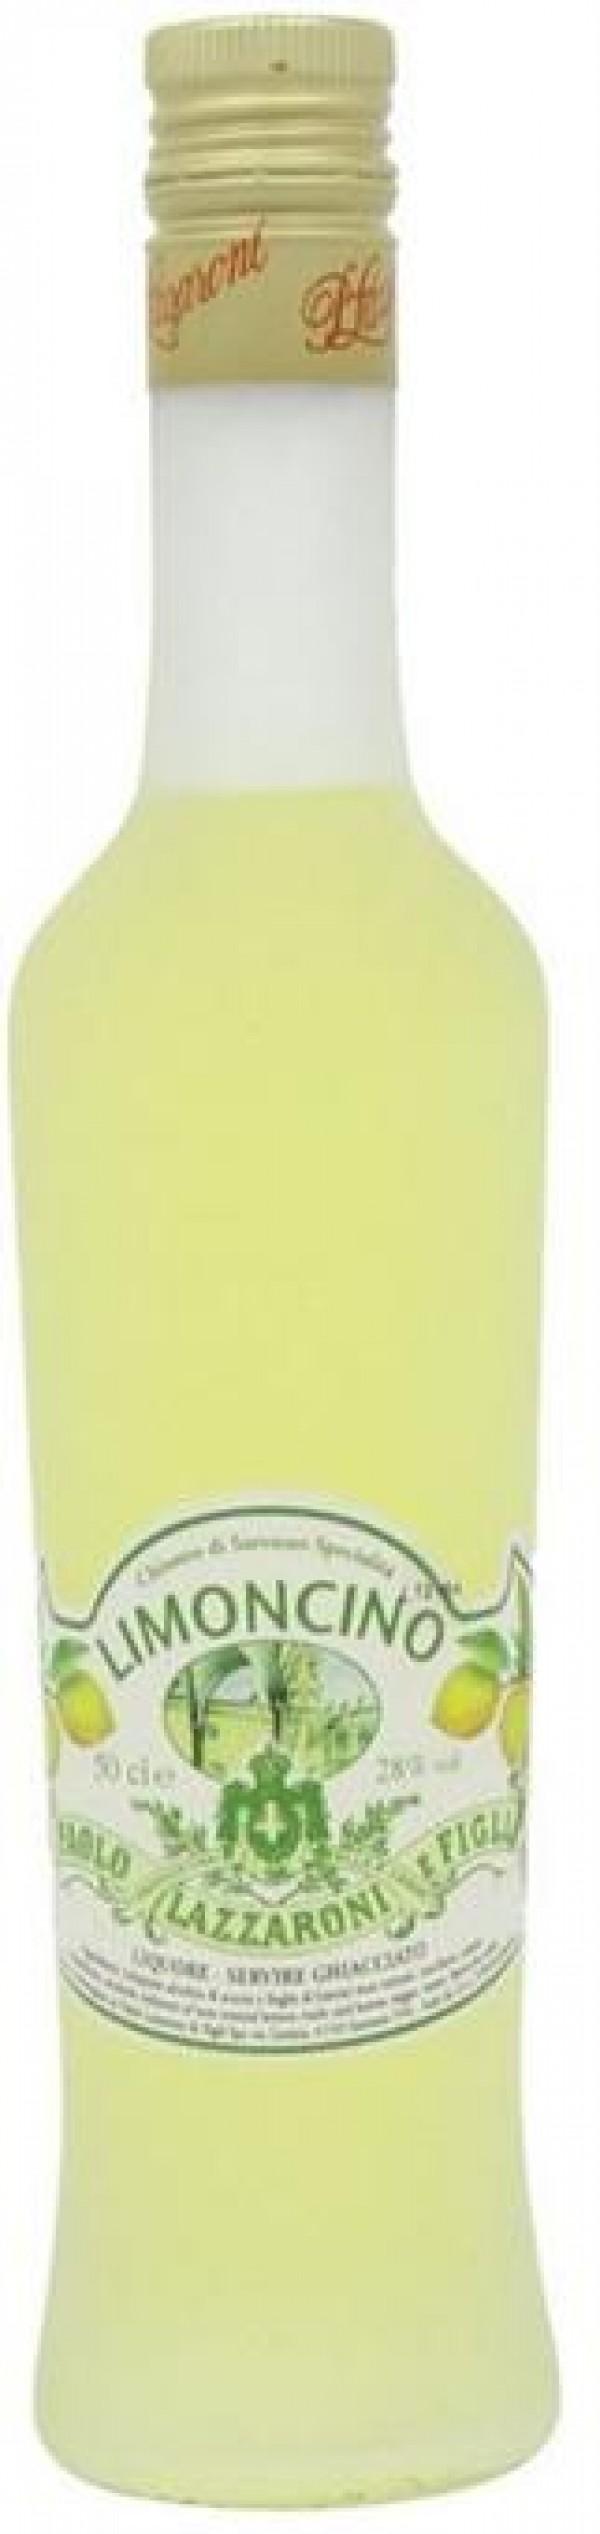 Lazzaroni Limoncino del Chiostro